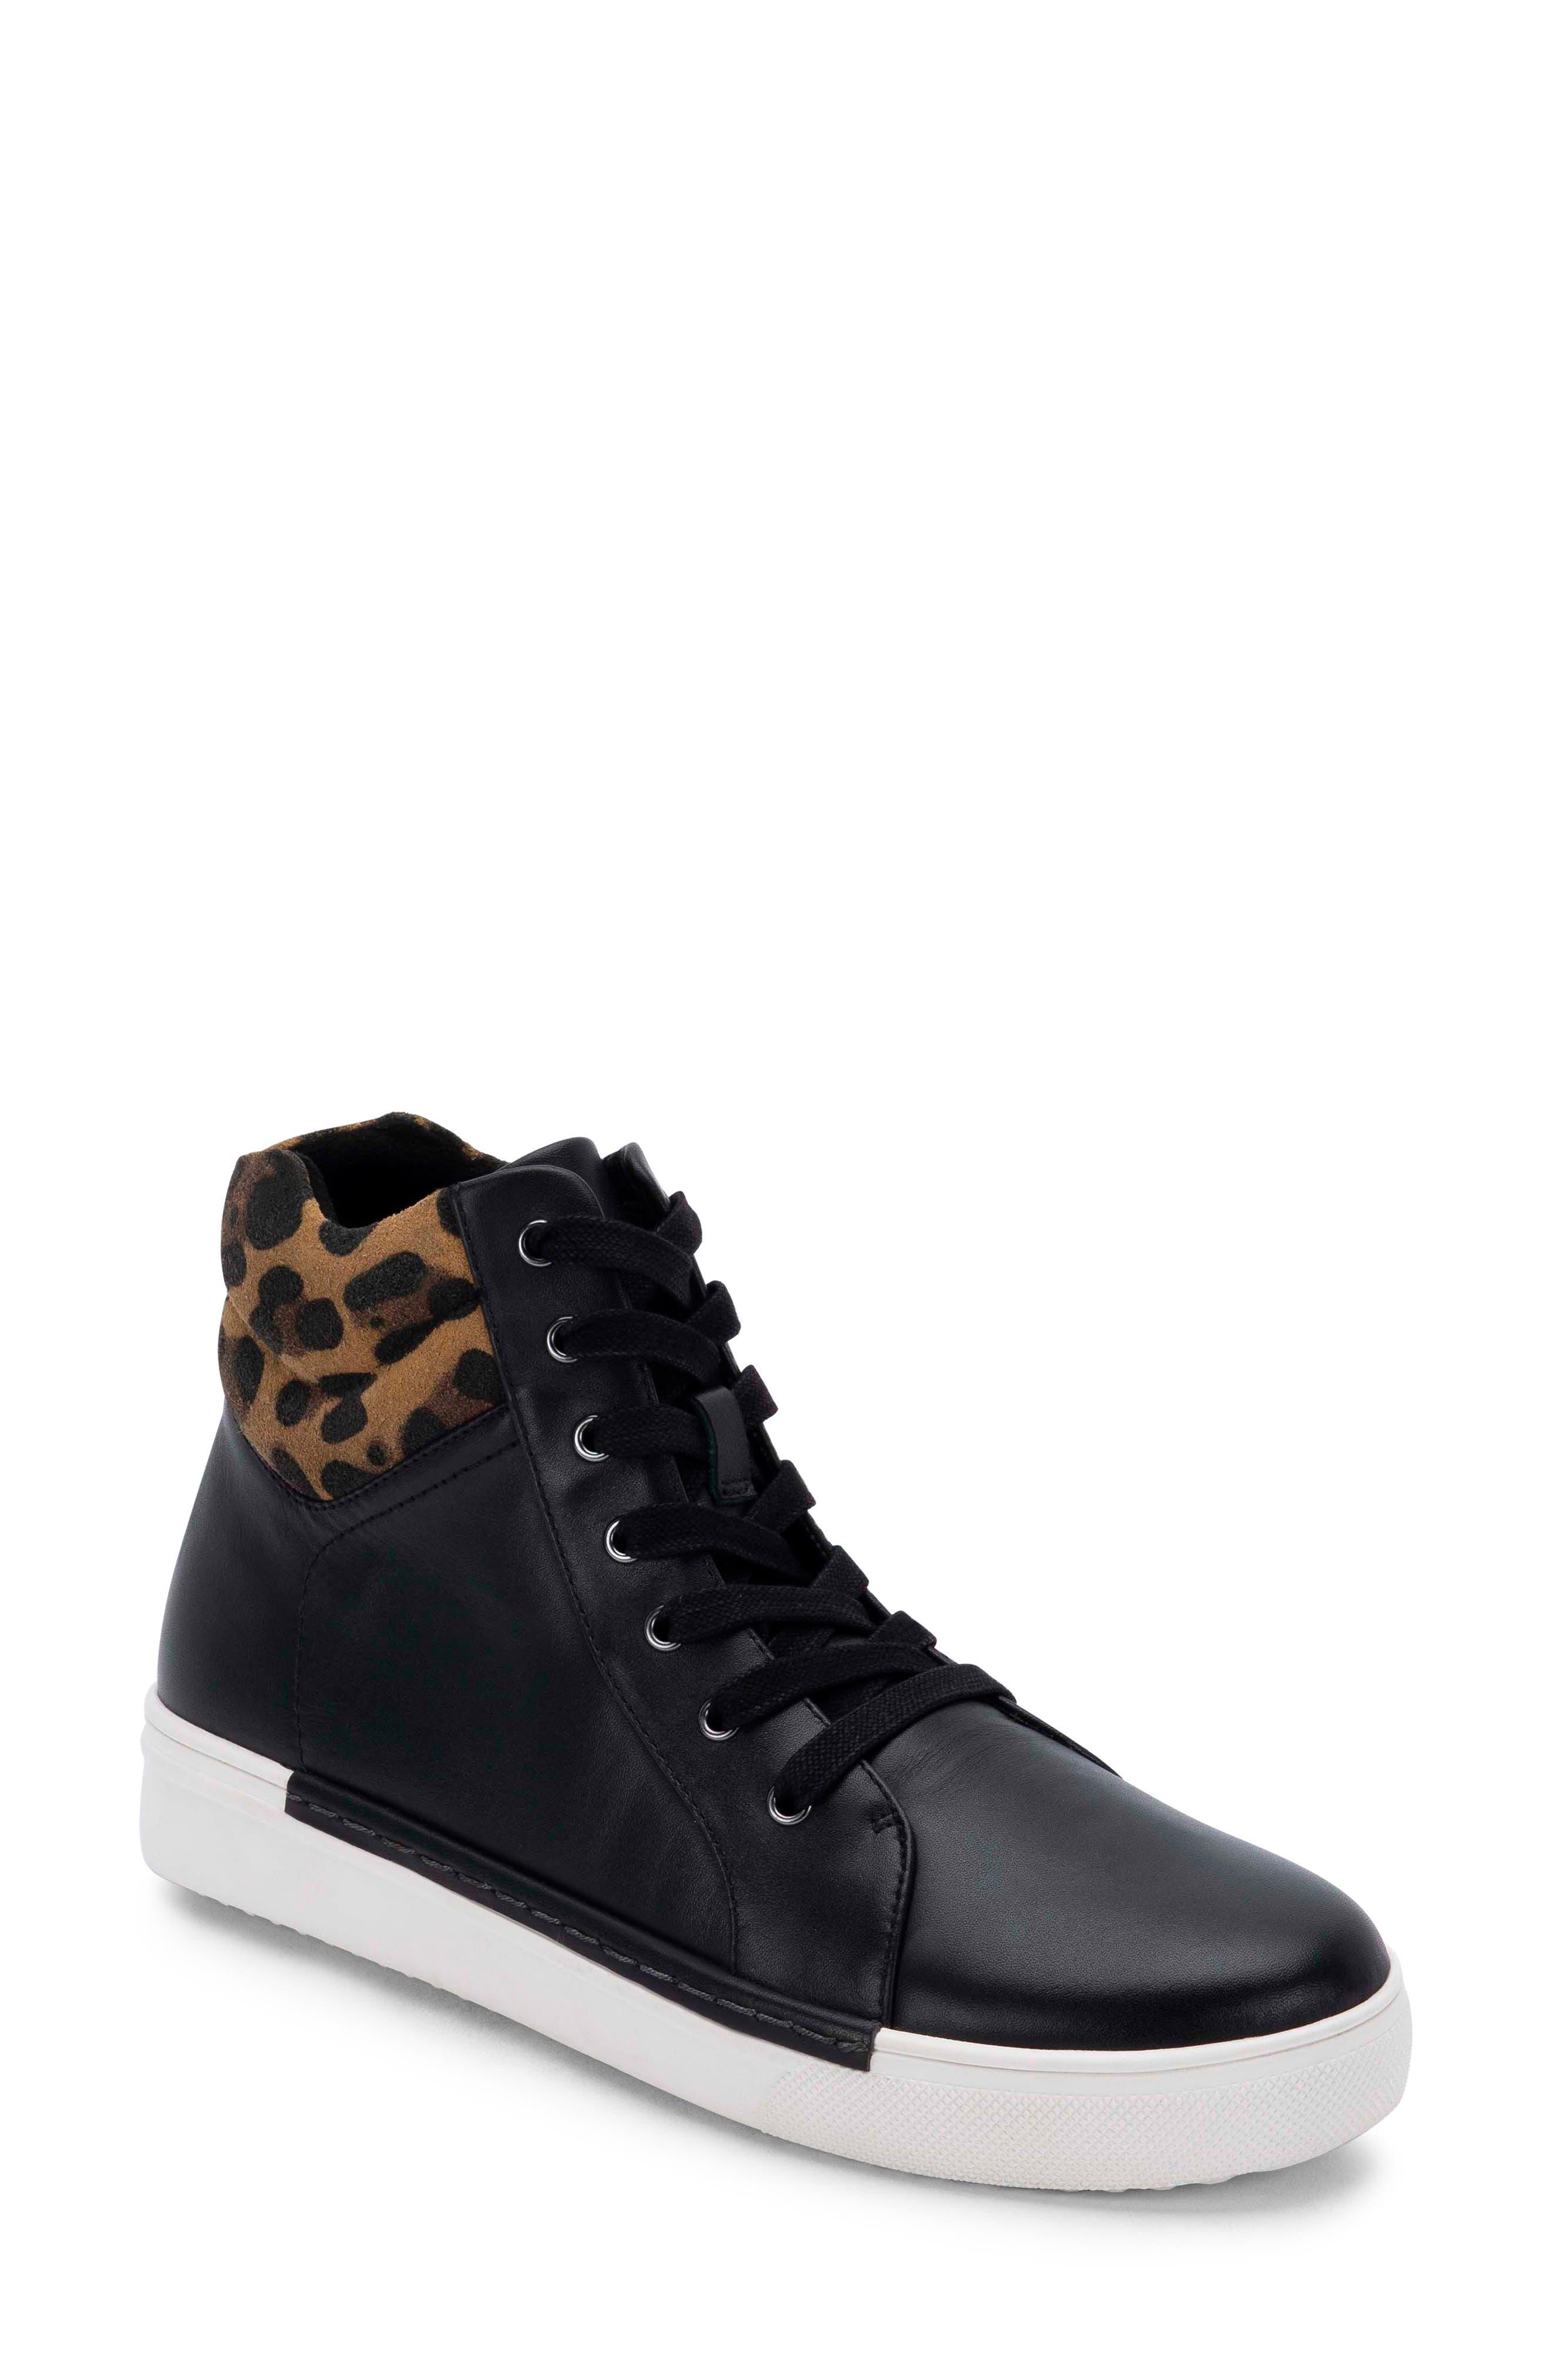 Grazen Waterproof High Top Sneaker